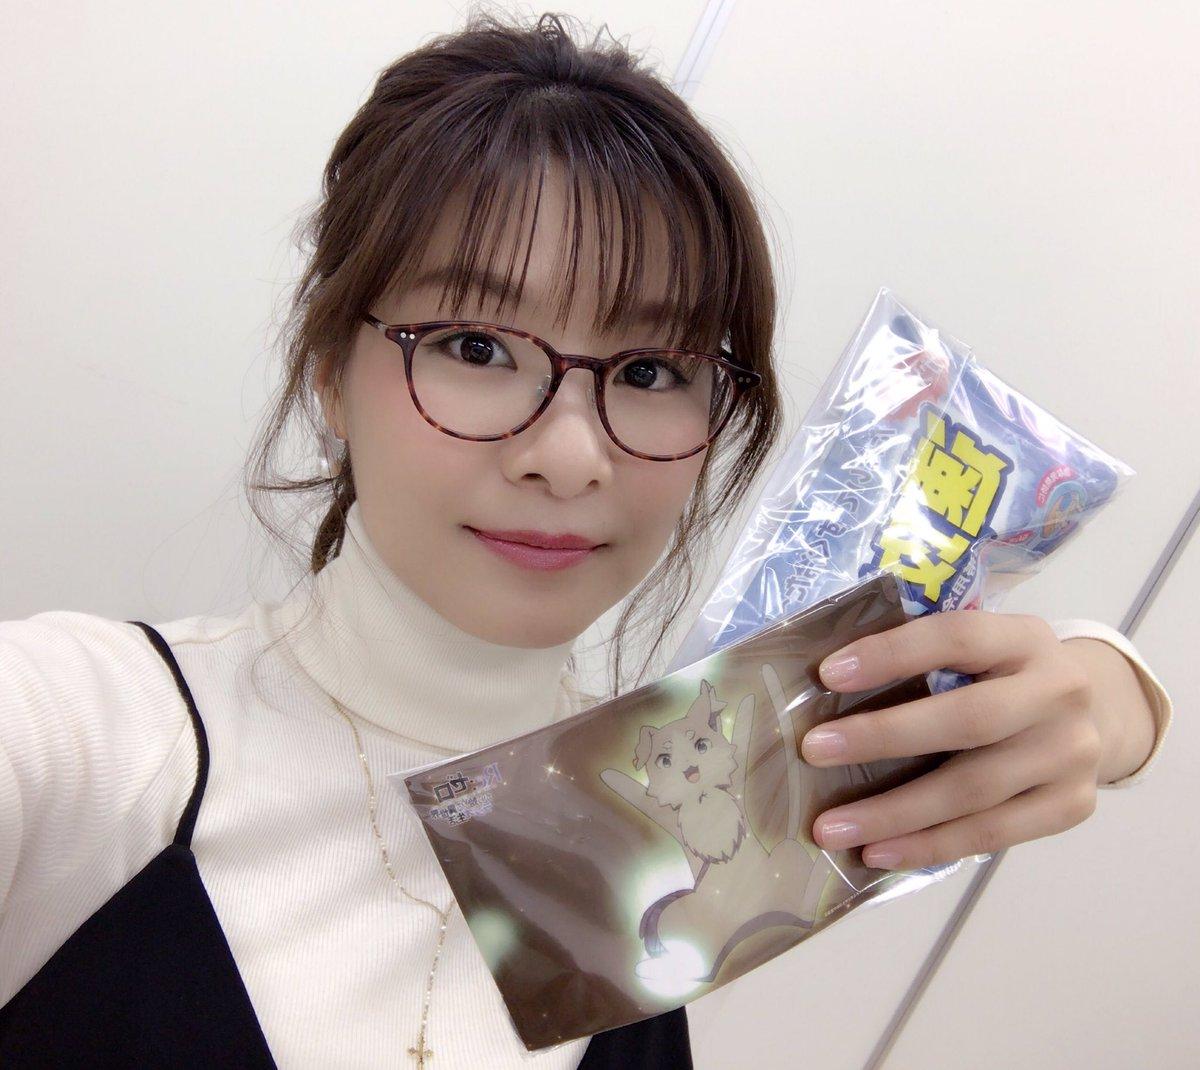 赤崎千夏 : メガネをかけた声優...